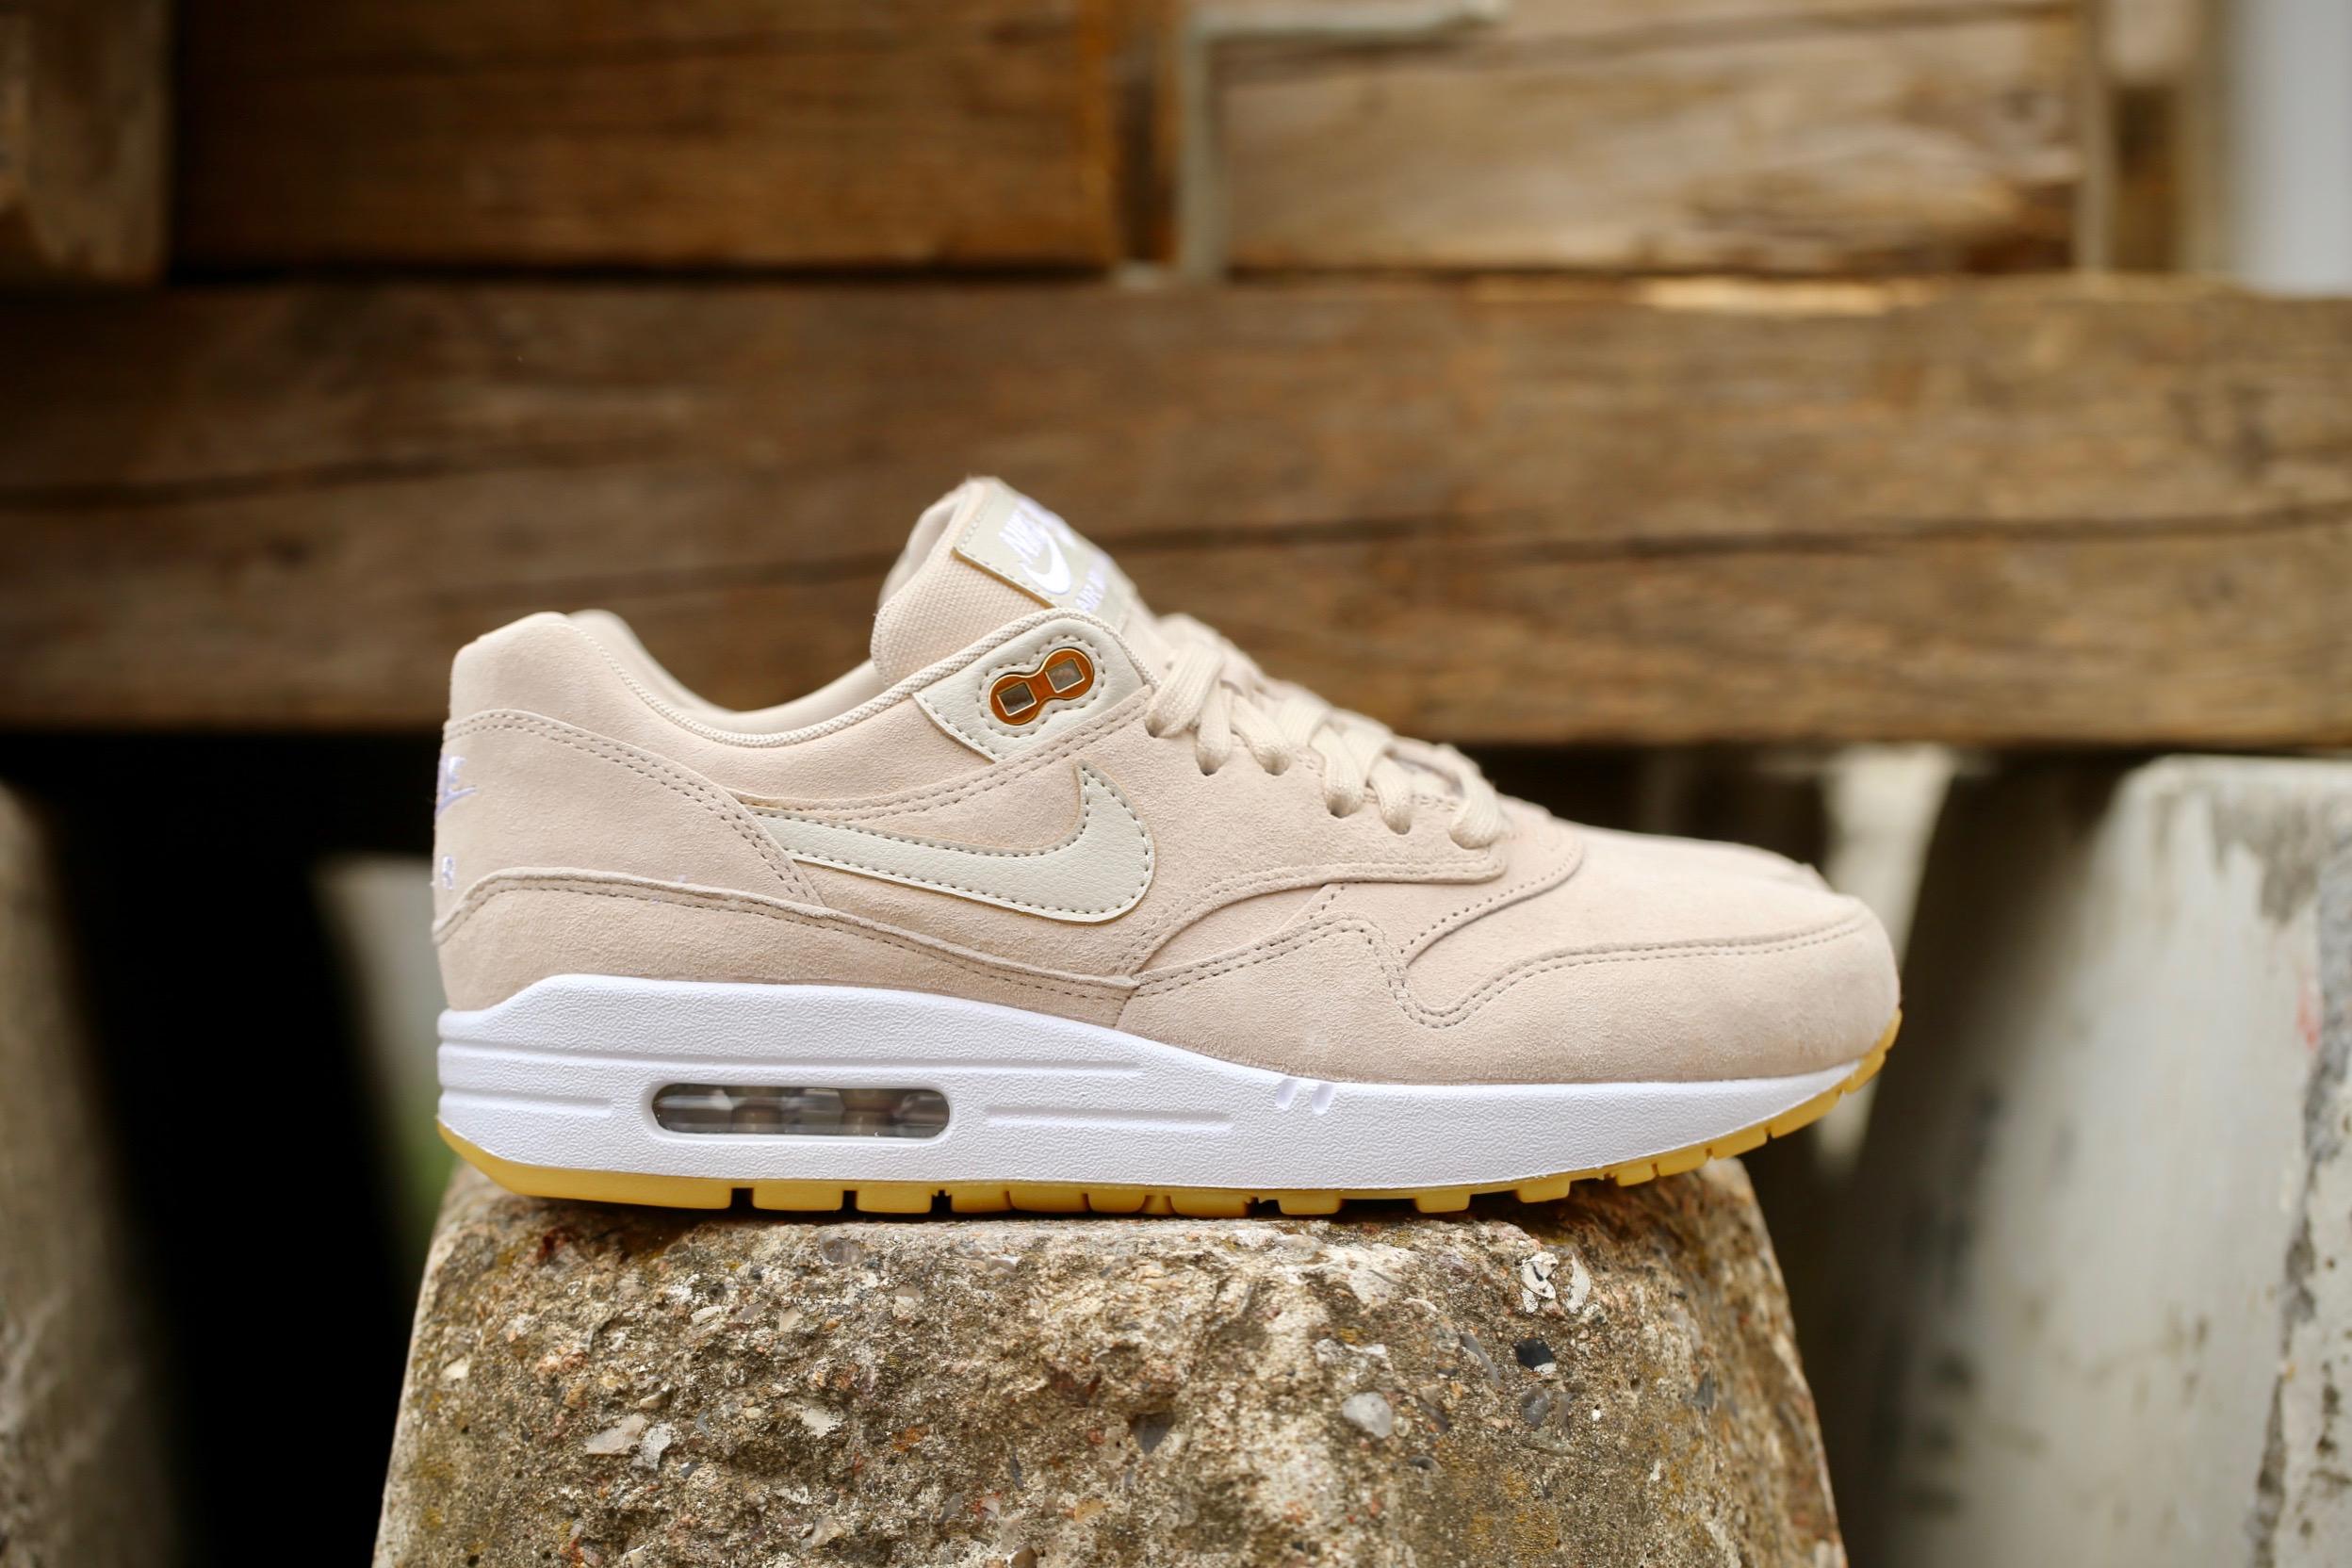 Nike Wmns Air Max 1 SD Oatmeal White Gum Light Brown